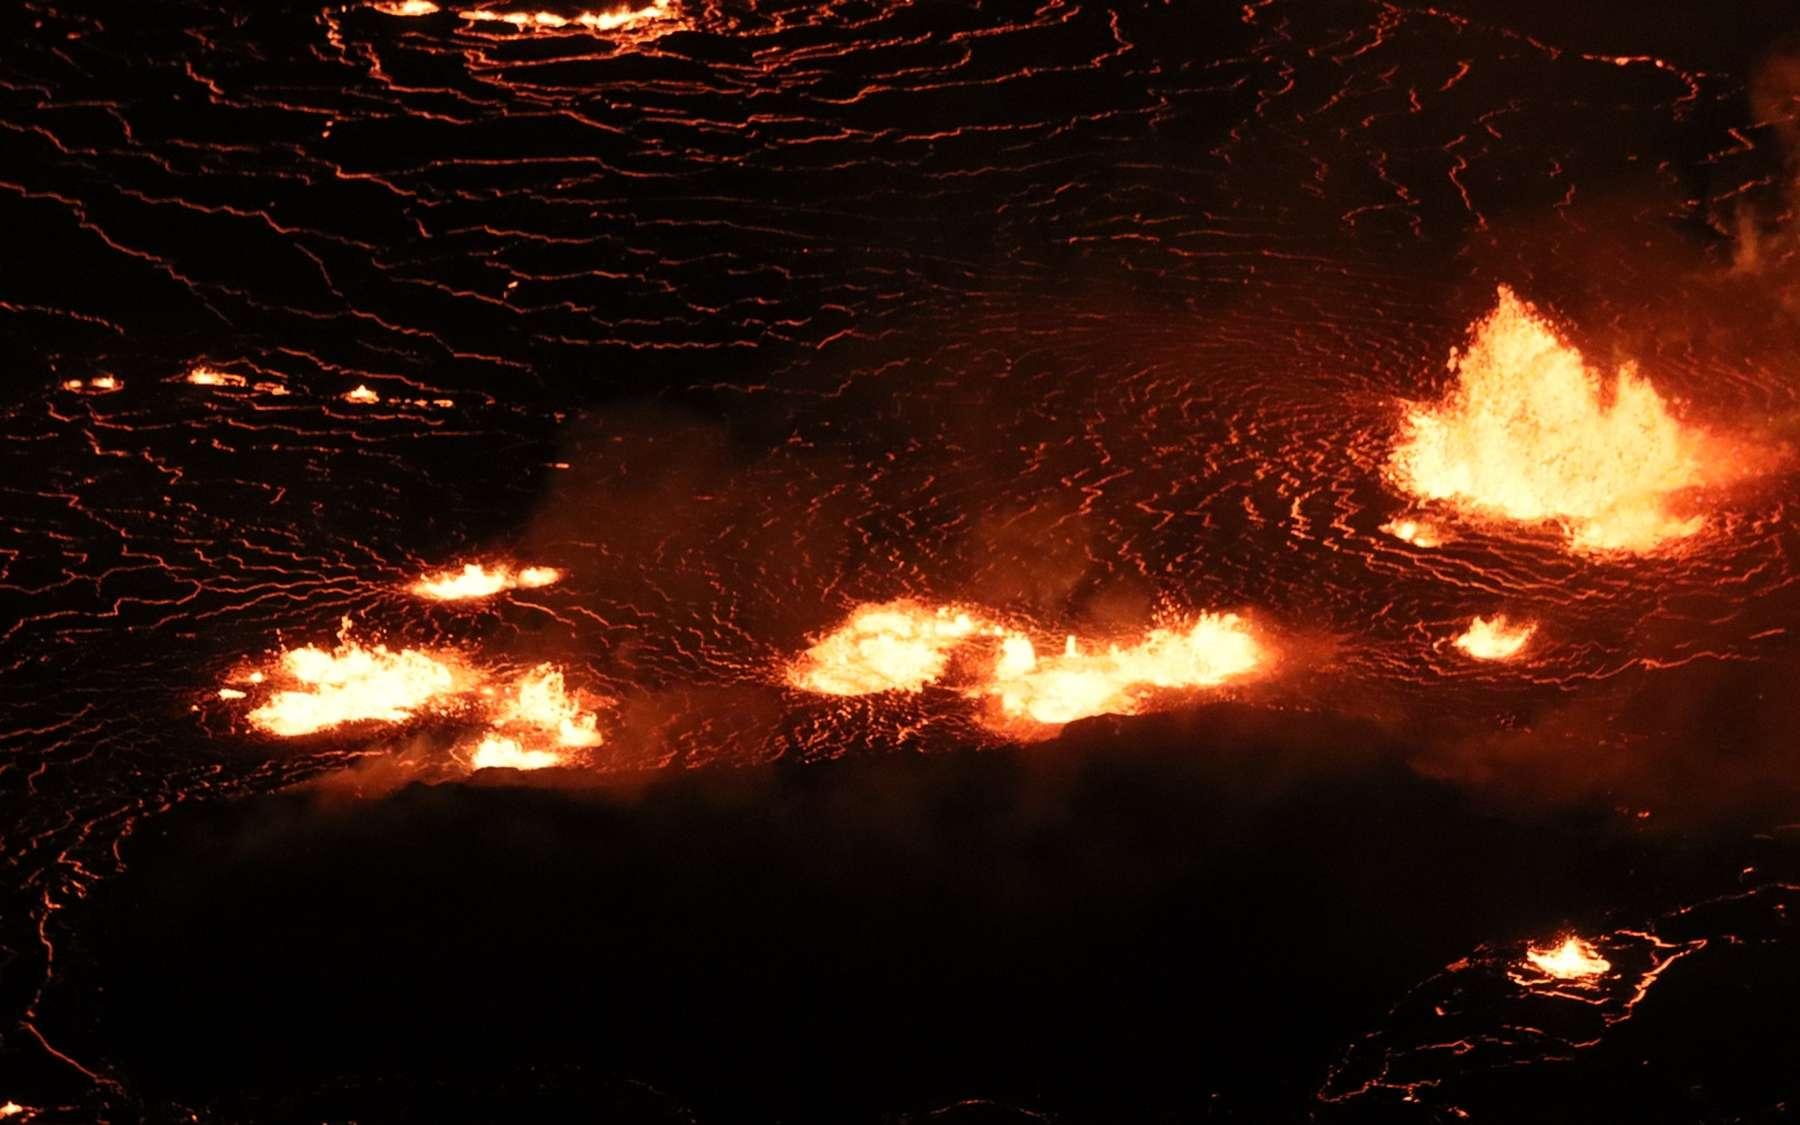 L'éruption en cours du sommet du Kīlauea dans le cratère Halema'uma'u continue d'alimenter les fontaines de lave basses au centre du lac de lave (photo) et le long du mur ouest du cratère Halema'uma'u. Cette image au téléobjectif regarde vers l'est au centre du lac de lave. La zone sombre sous les fontaines est « l'île de lave » qui s'est formée en décembre 2020. © USGS M. Patrick